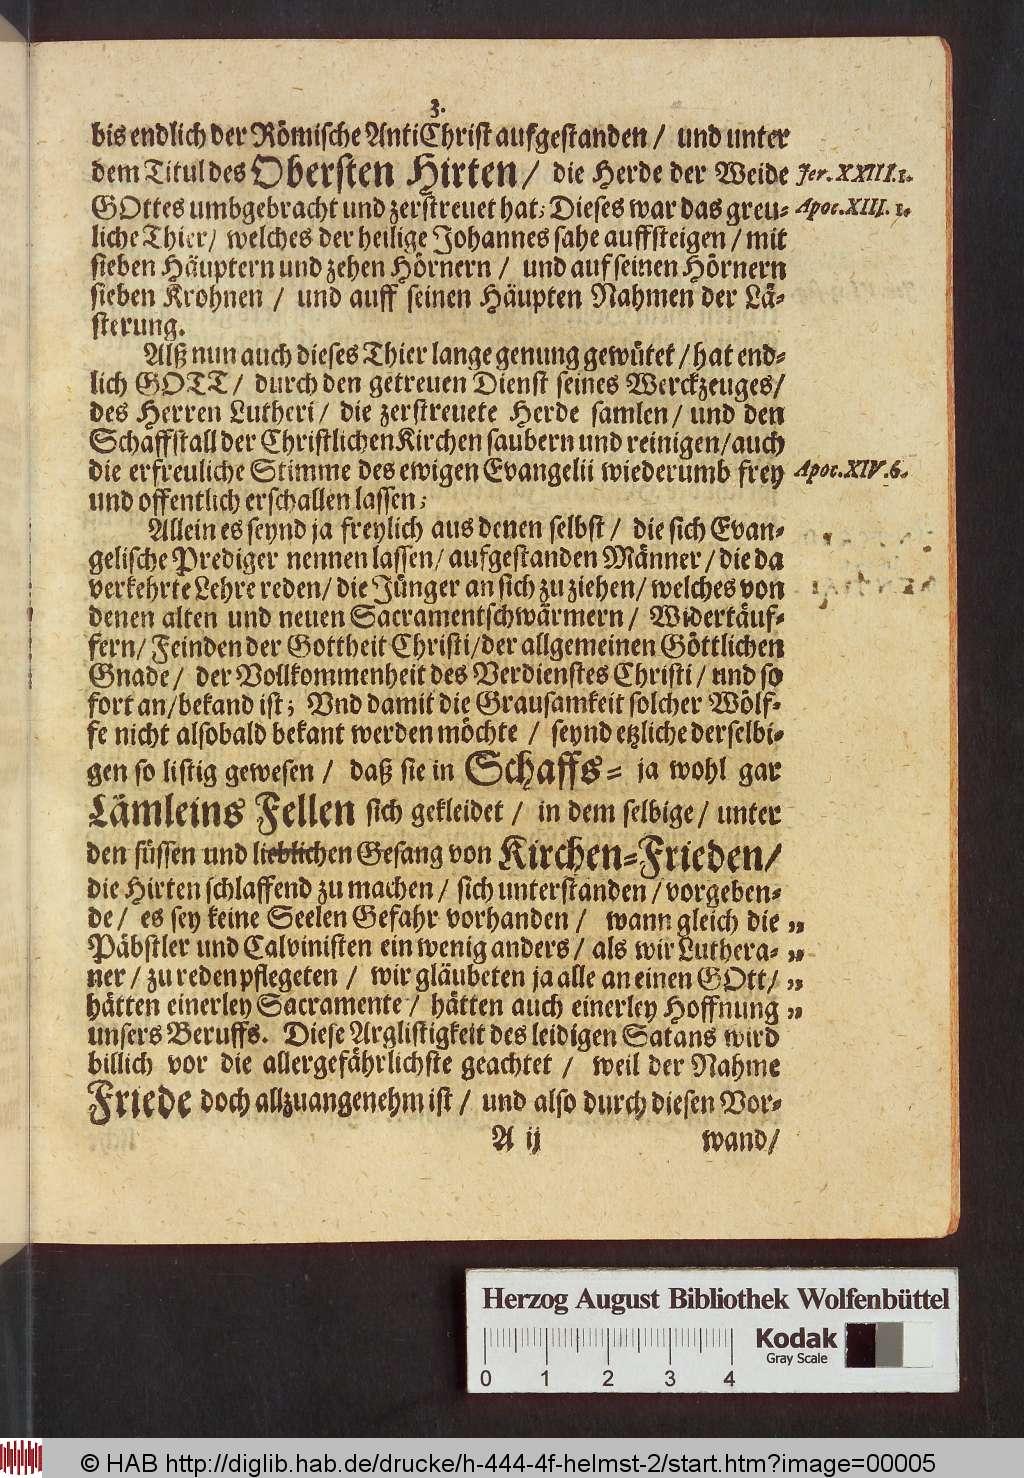 http://diglib.hab.de/drucke/h-444-4f-helmst-2/00005.jpg